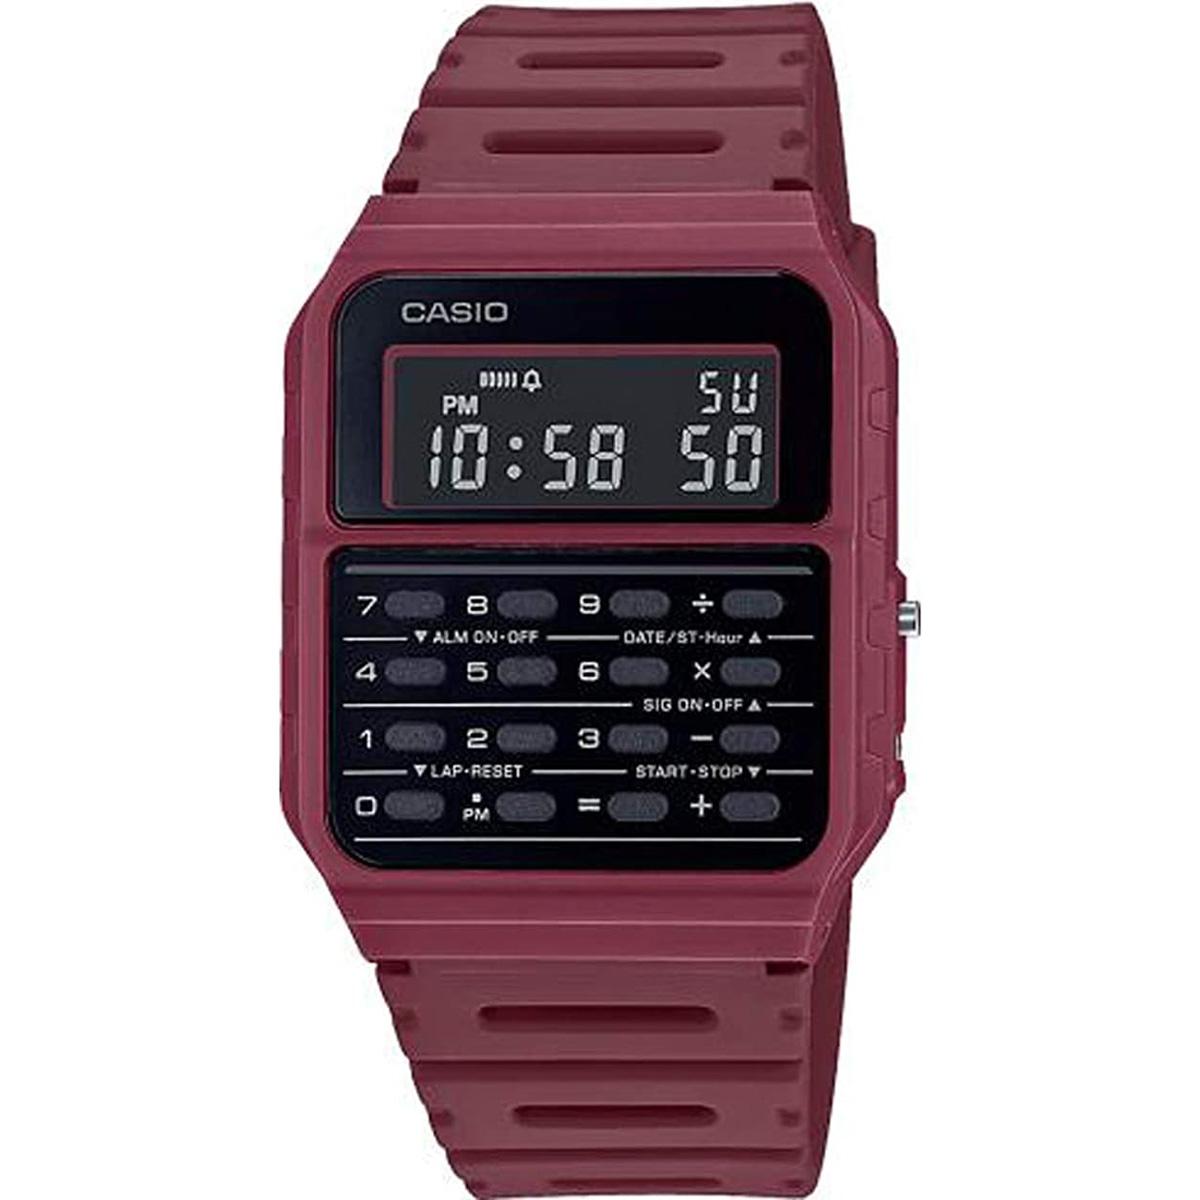 カシオ 海外正規品 送料無料 あす楽 今ダケ送料無料 チプカシ CASIO スタンダード 時計 腕時計 カレンダーチープカシオ 通信販売 CA-53WF-1B デジタル クオーツ メンズ